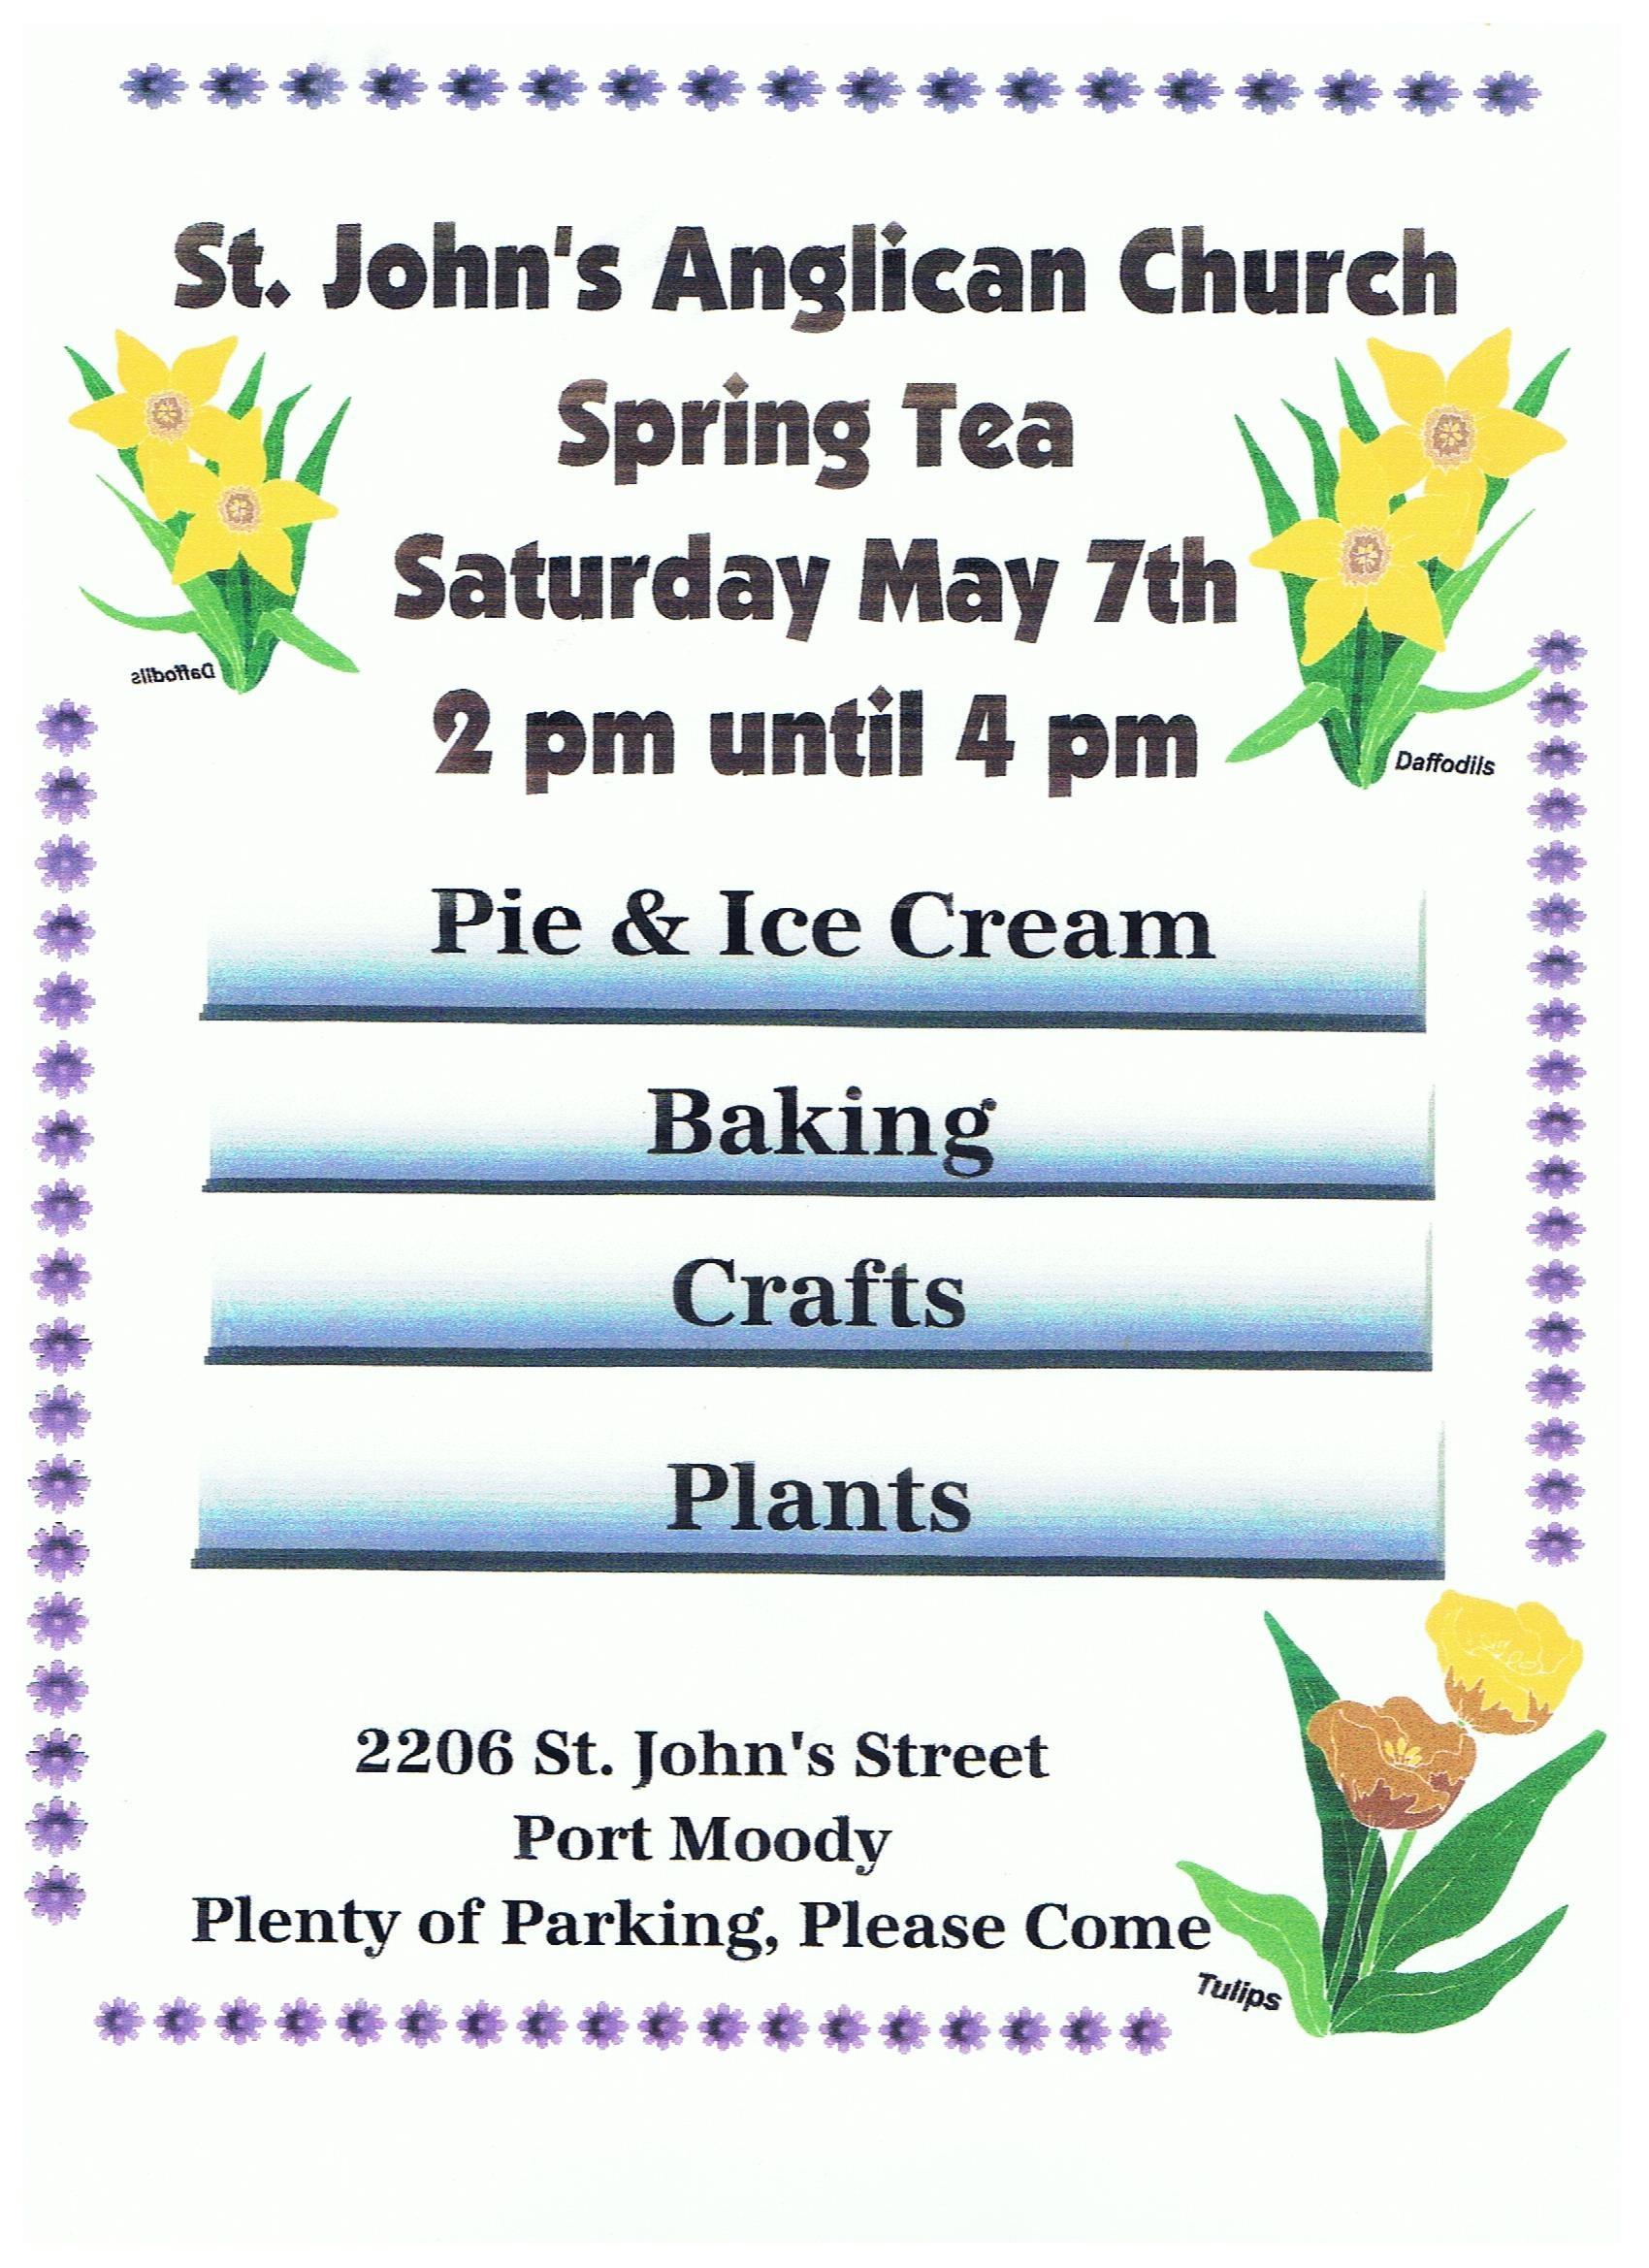 Spring Tea - May 7th